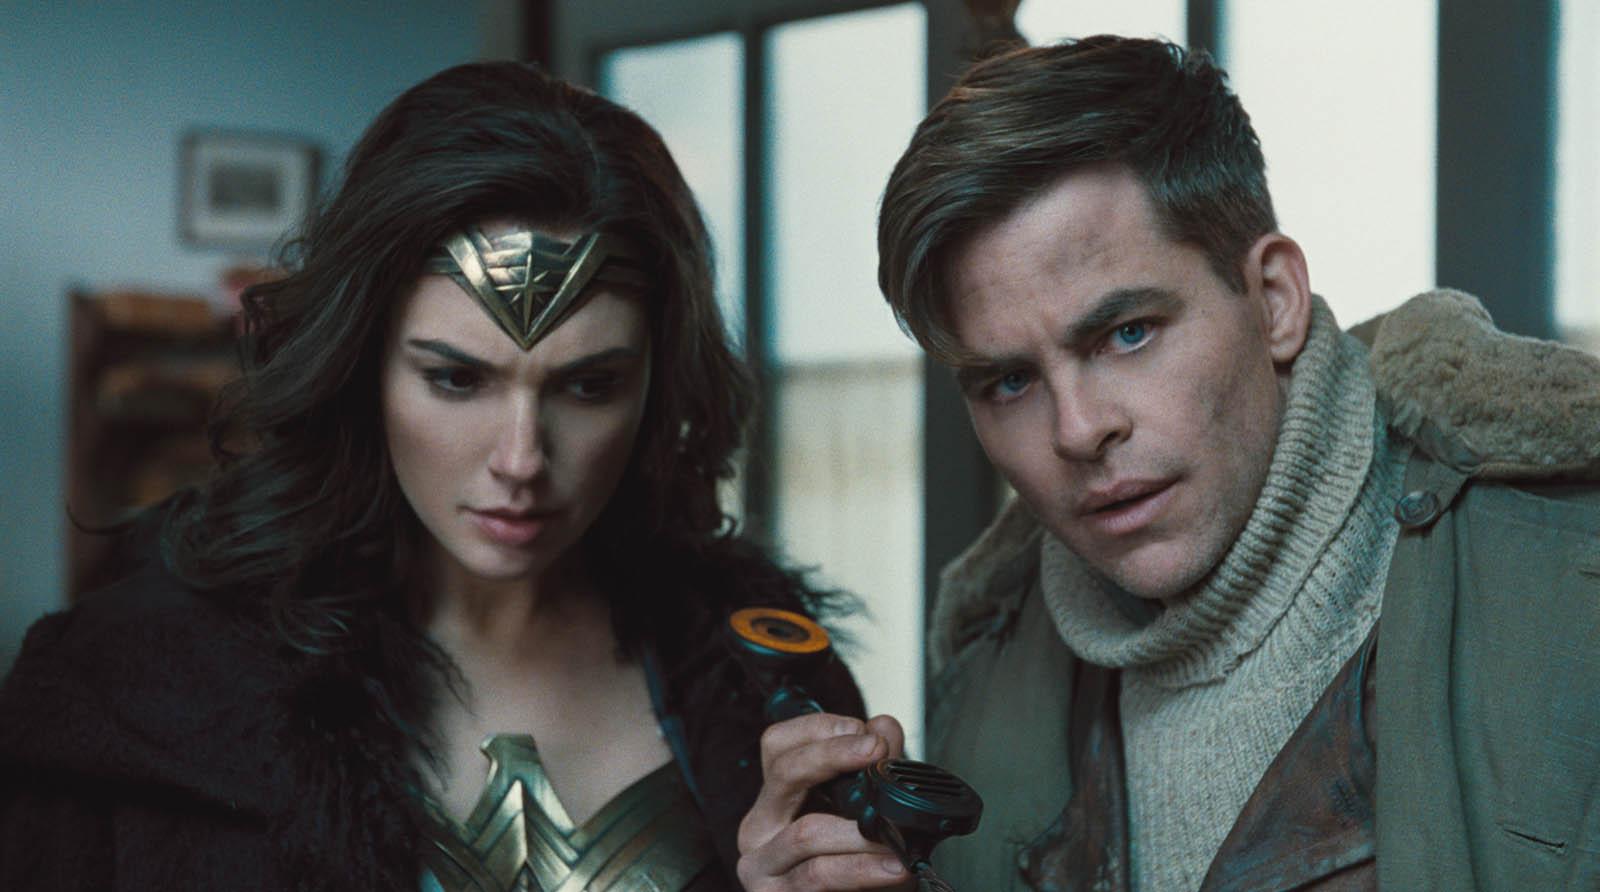 Wonder Woman : L'Amazone n'est pas assez américaine selon Fox